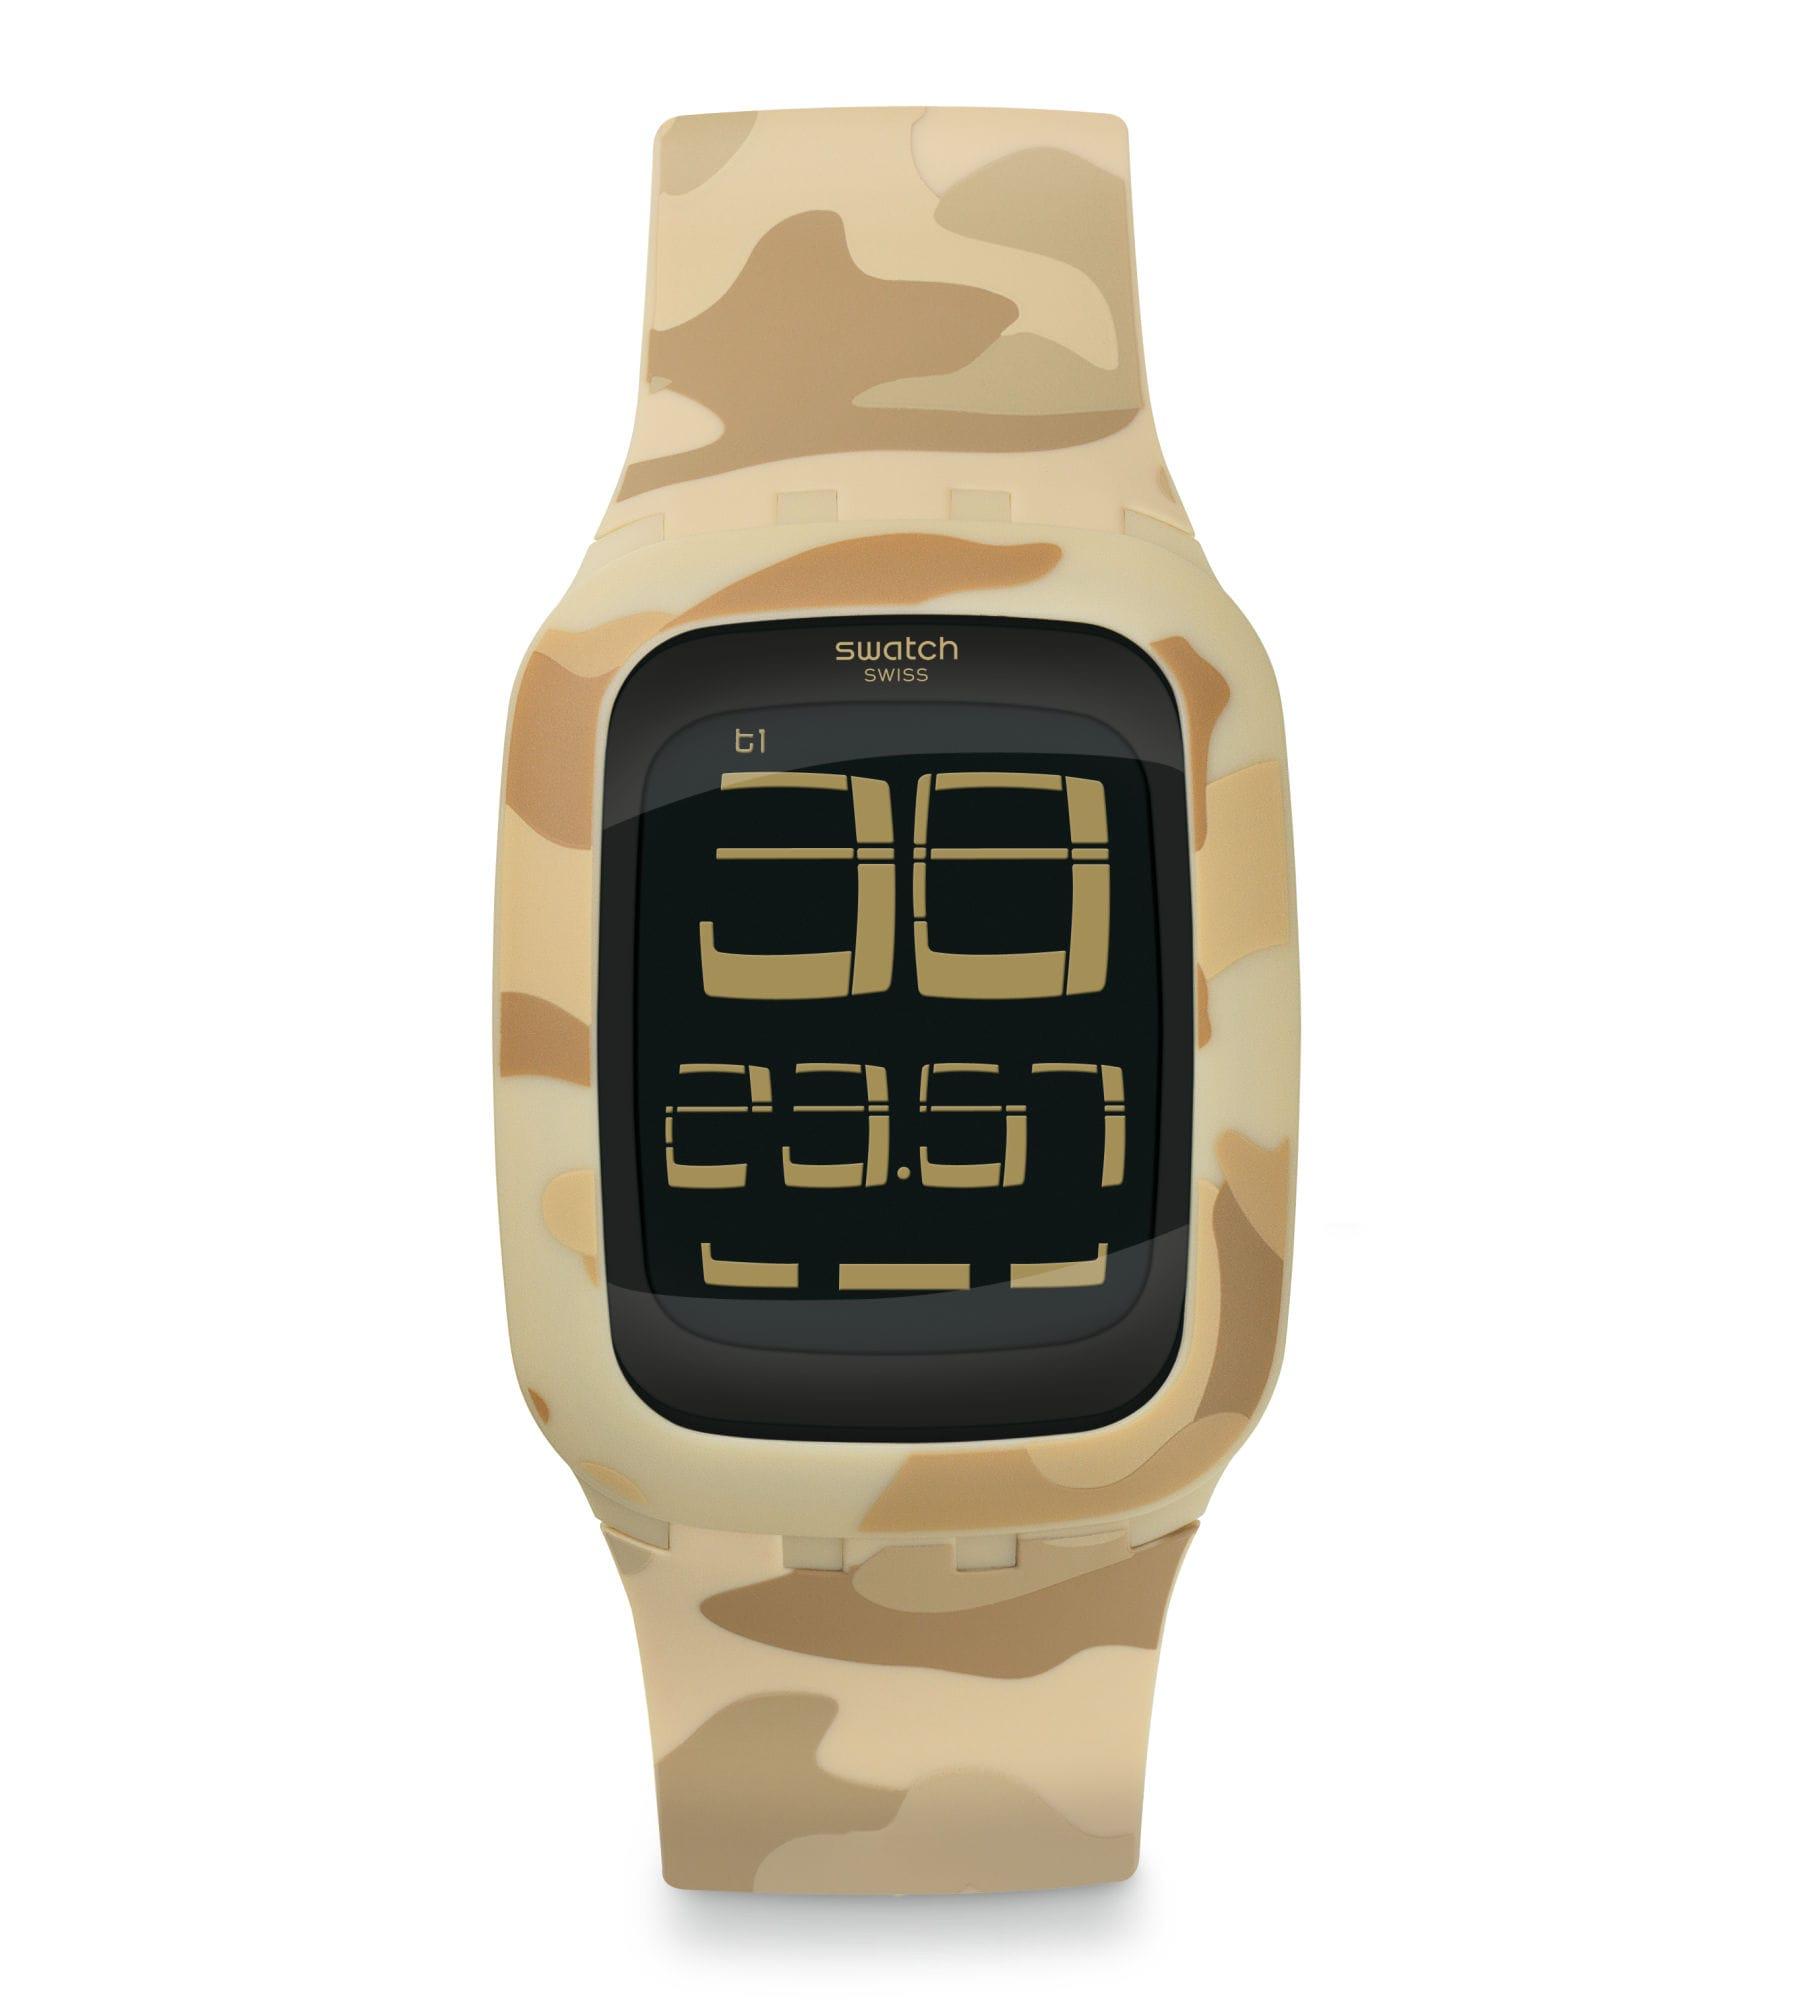 Reloj Swatch Con Pila Reloj Cubiertas n0wOk8P